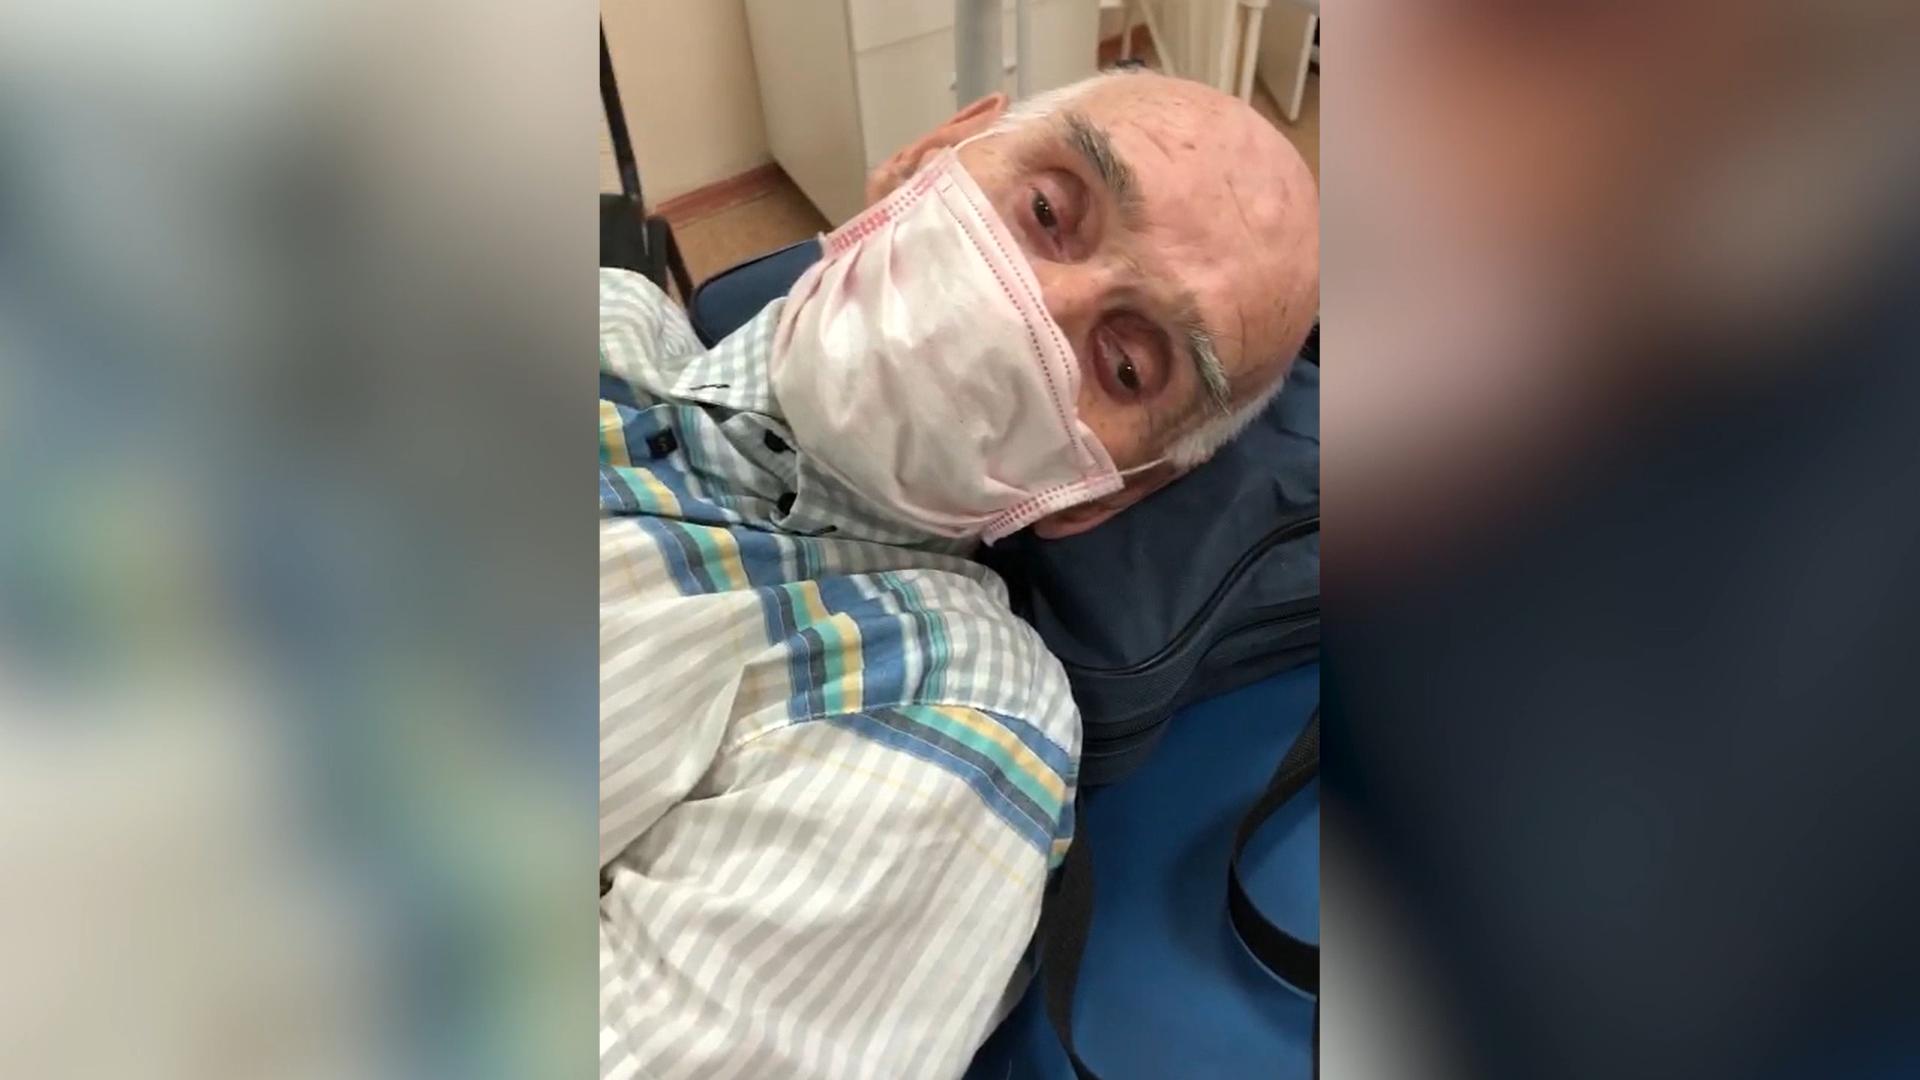 Бросили лежать на лавочке: В Уфе электросамокатчики на огромной скорости сбили 84-летнего дедушку и сбежали